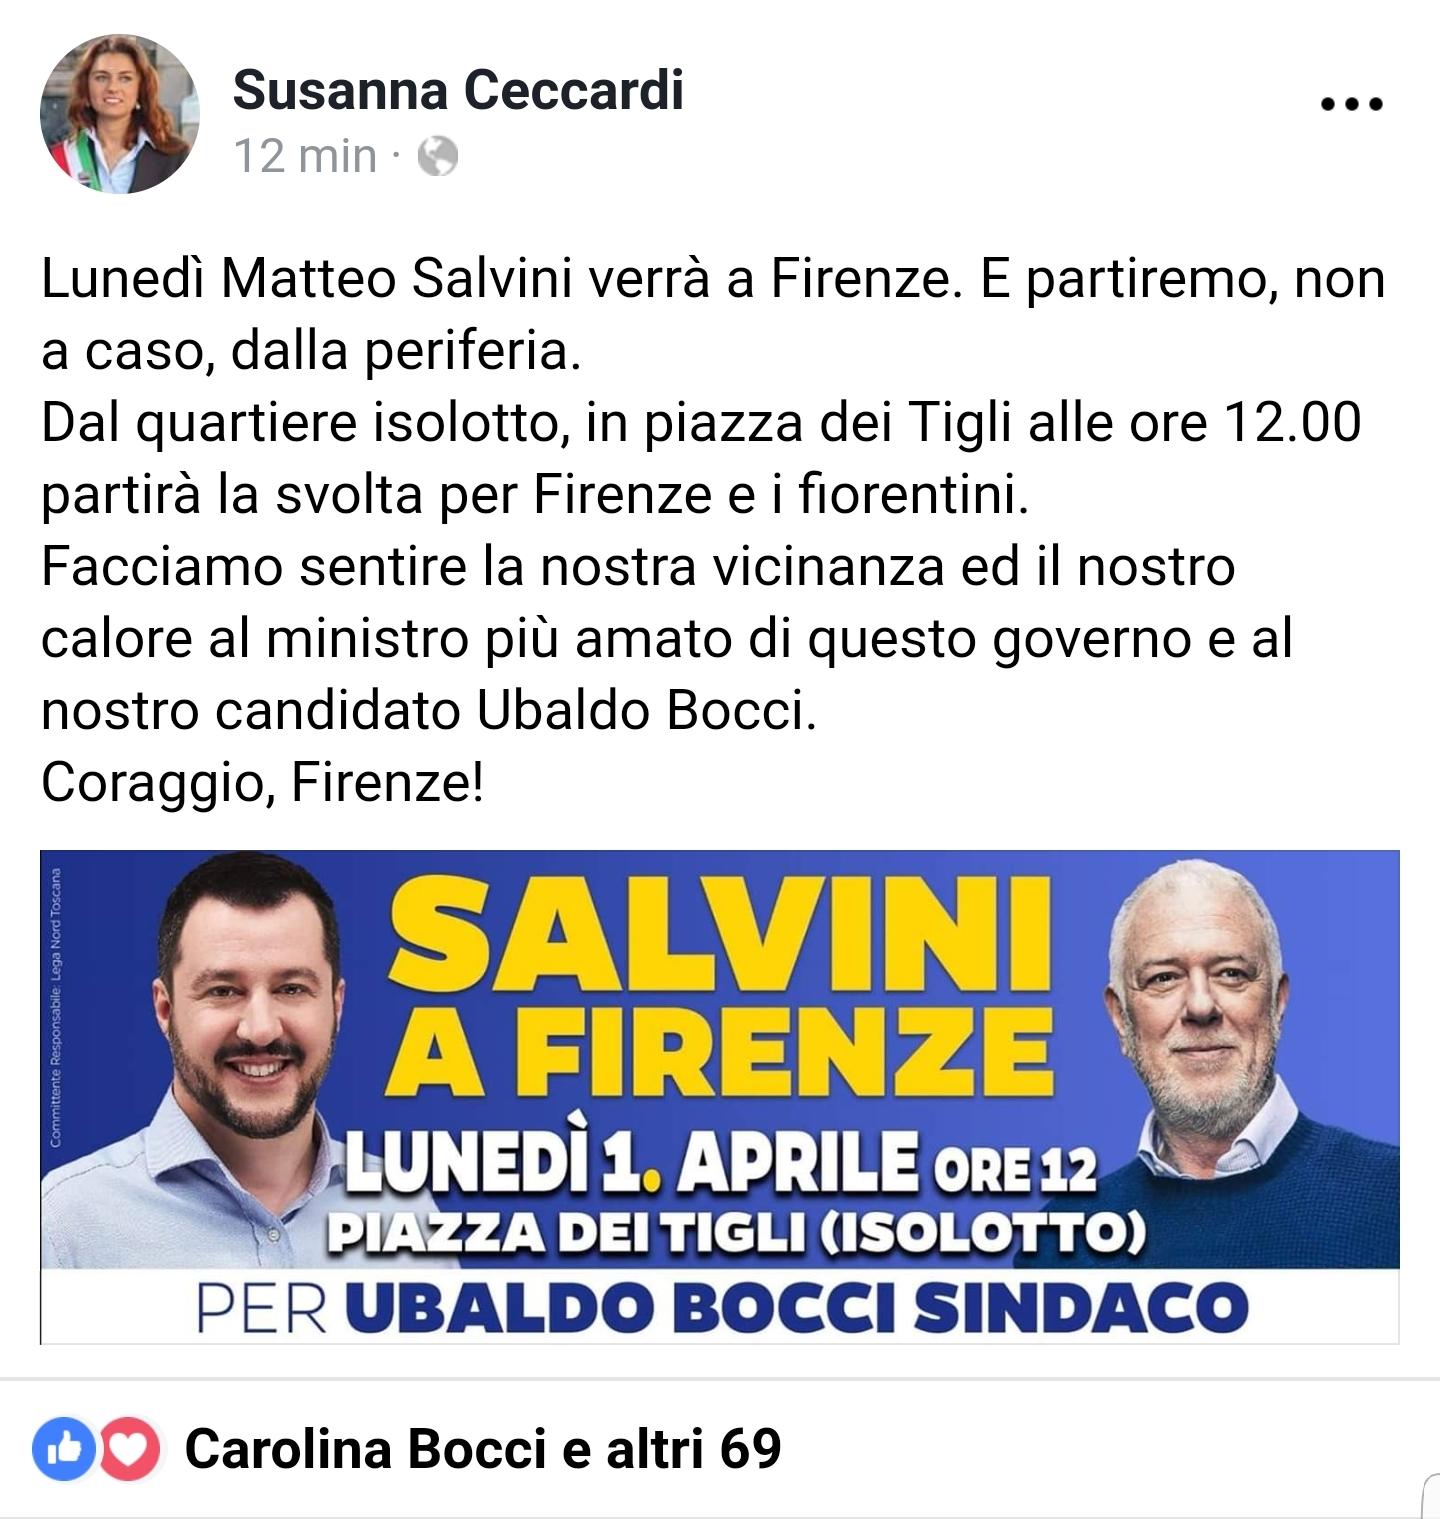 Ceccardi, Bocci